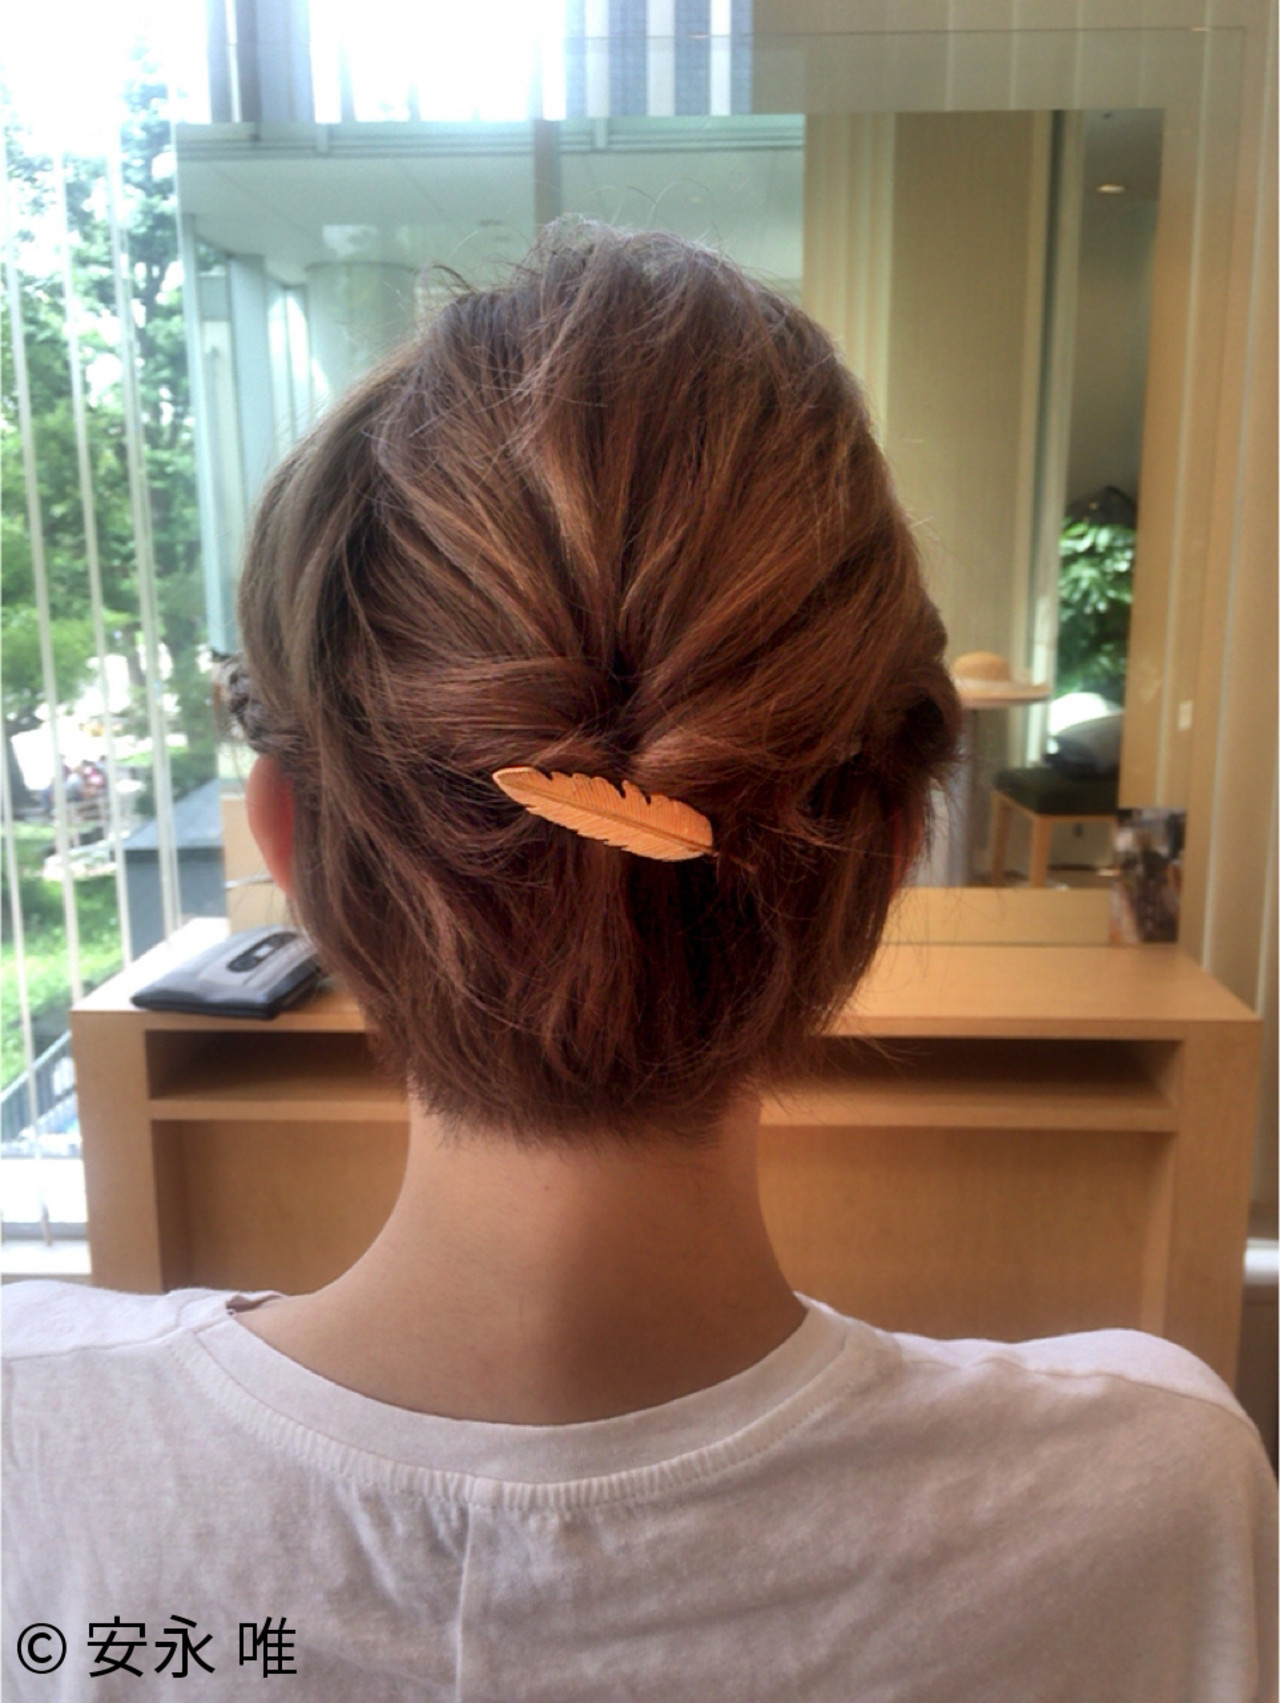 ヘアアレンジ ハイトーン まとめ髪 ショート ヘアスタイルや髪型の写真・画像